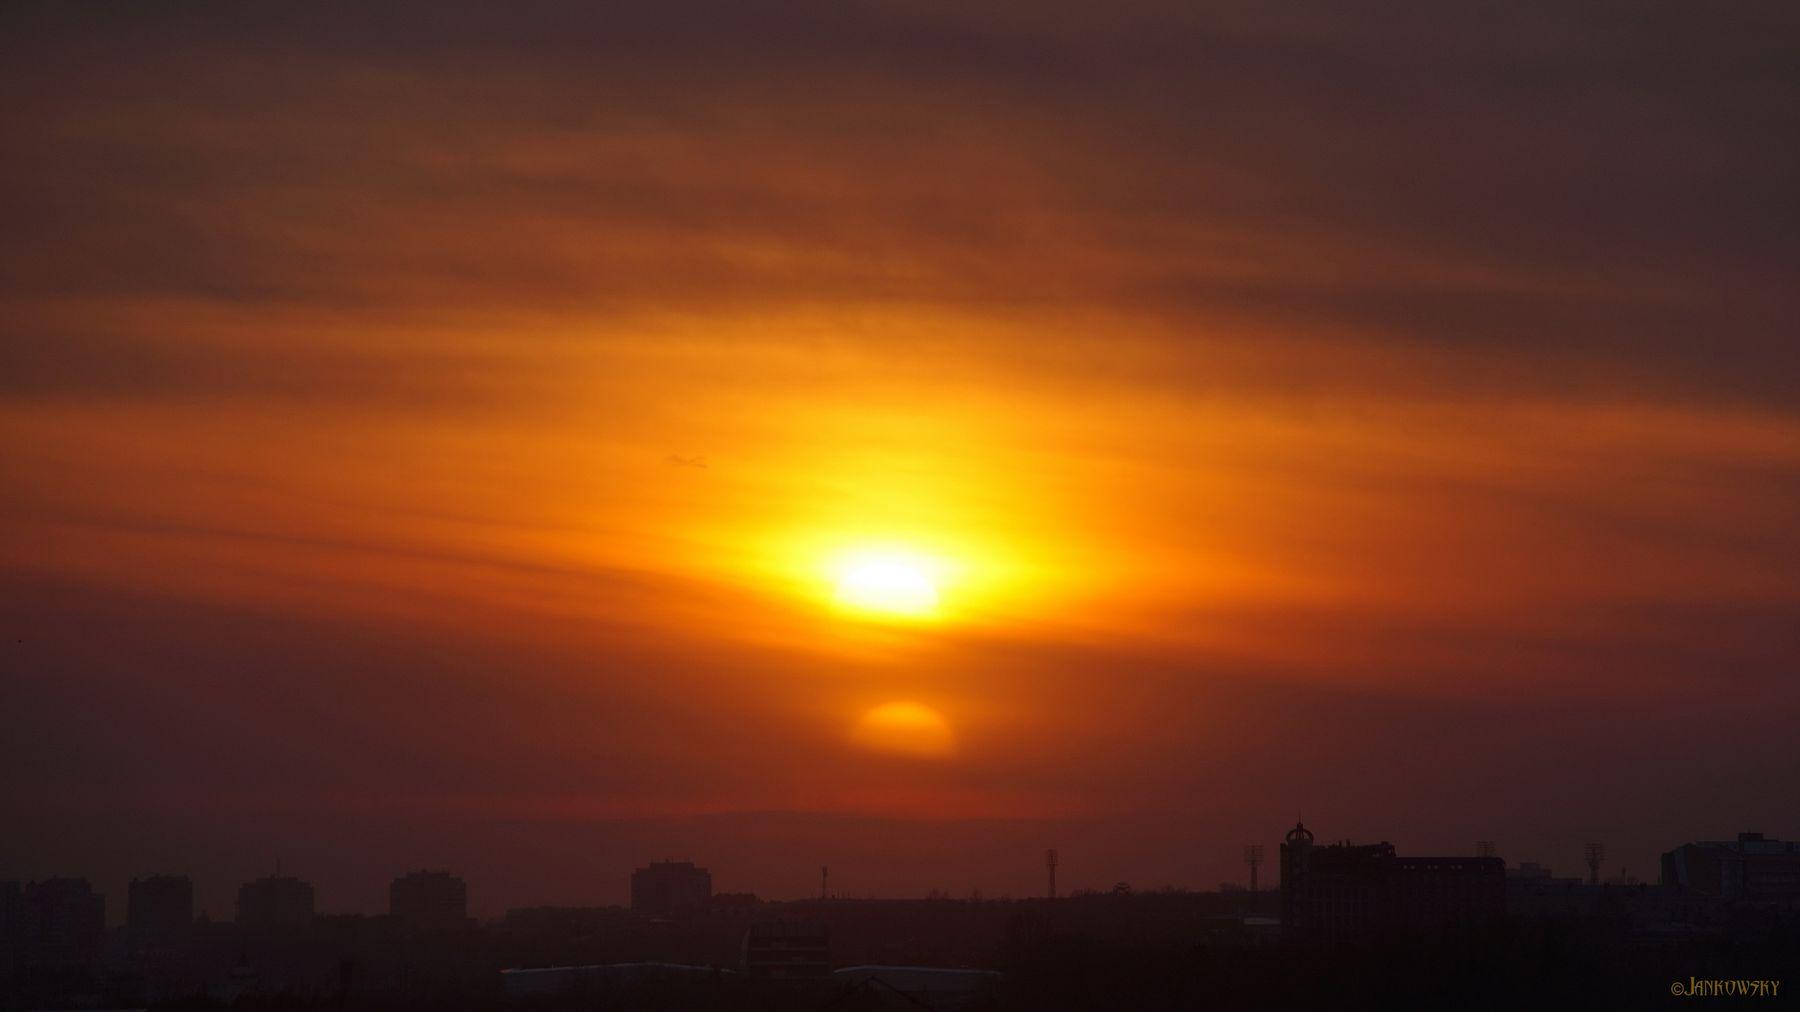 Заход двойной звезды на Корусанте, или Нибиру, как всегда не во время возвращаеццо... два солнца омск нибиру двойная звезда закат оранжевый балкона